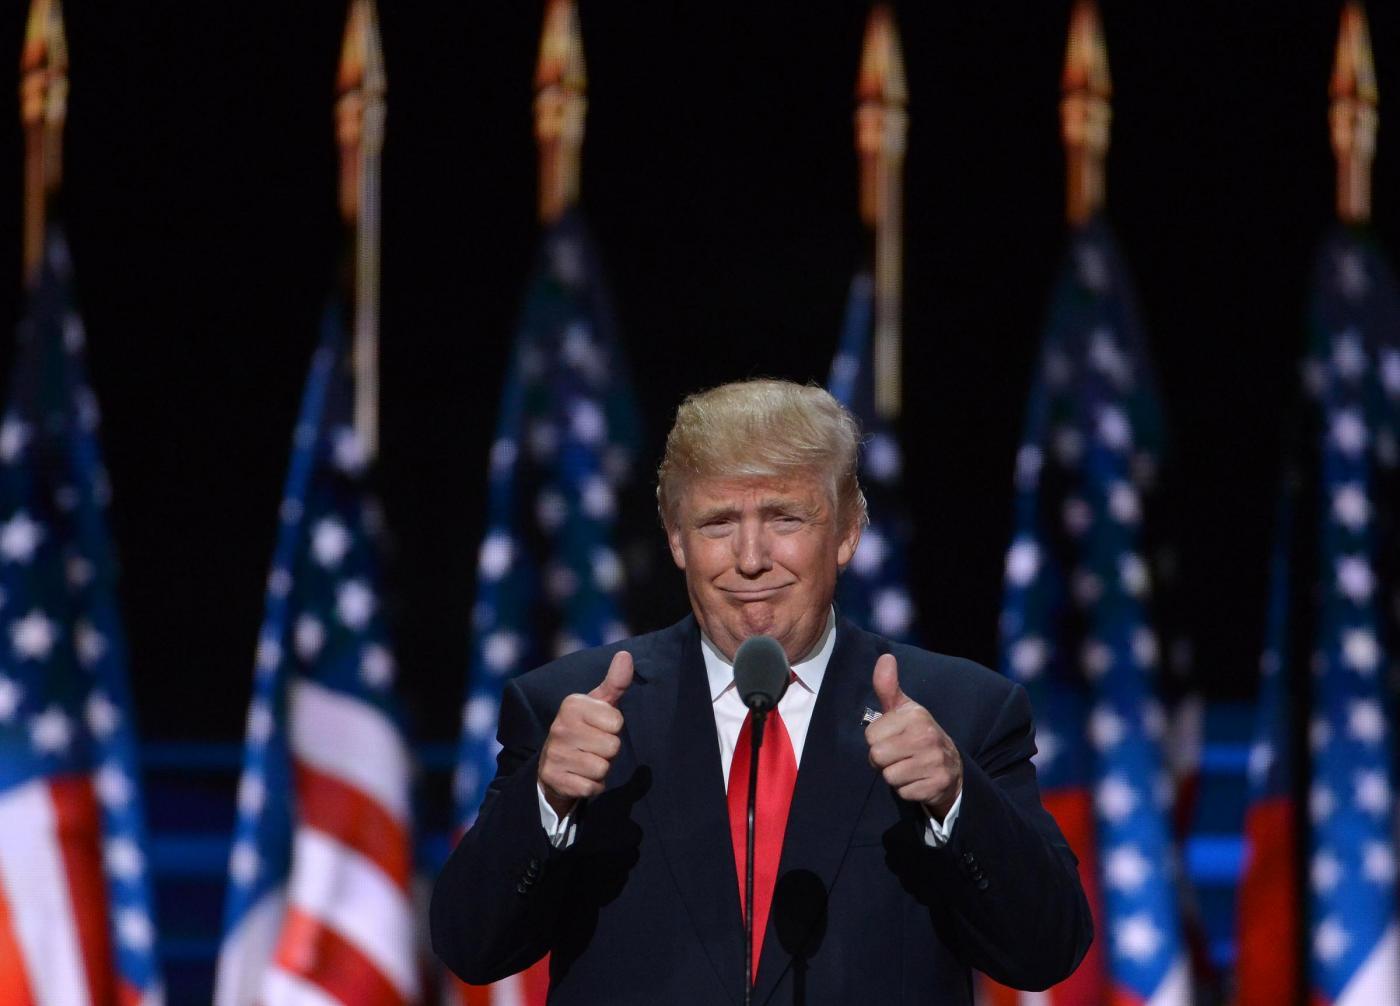 Elezioni USA: la vittoria di Donald Trump predetta da Nostradamus